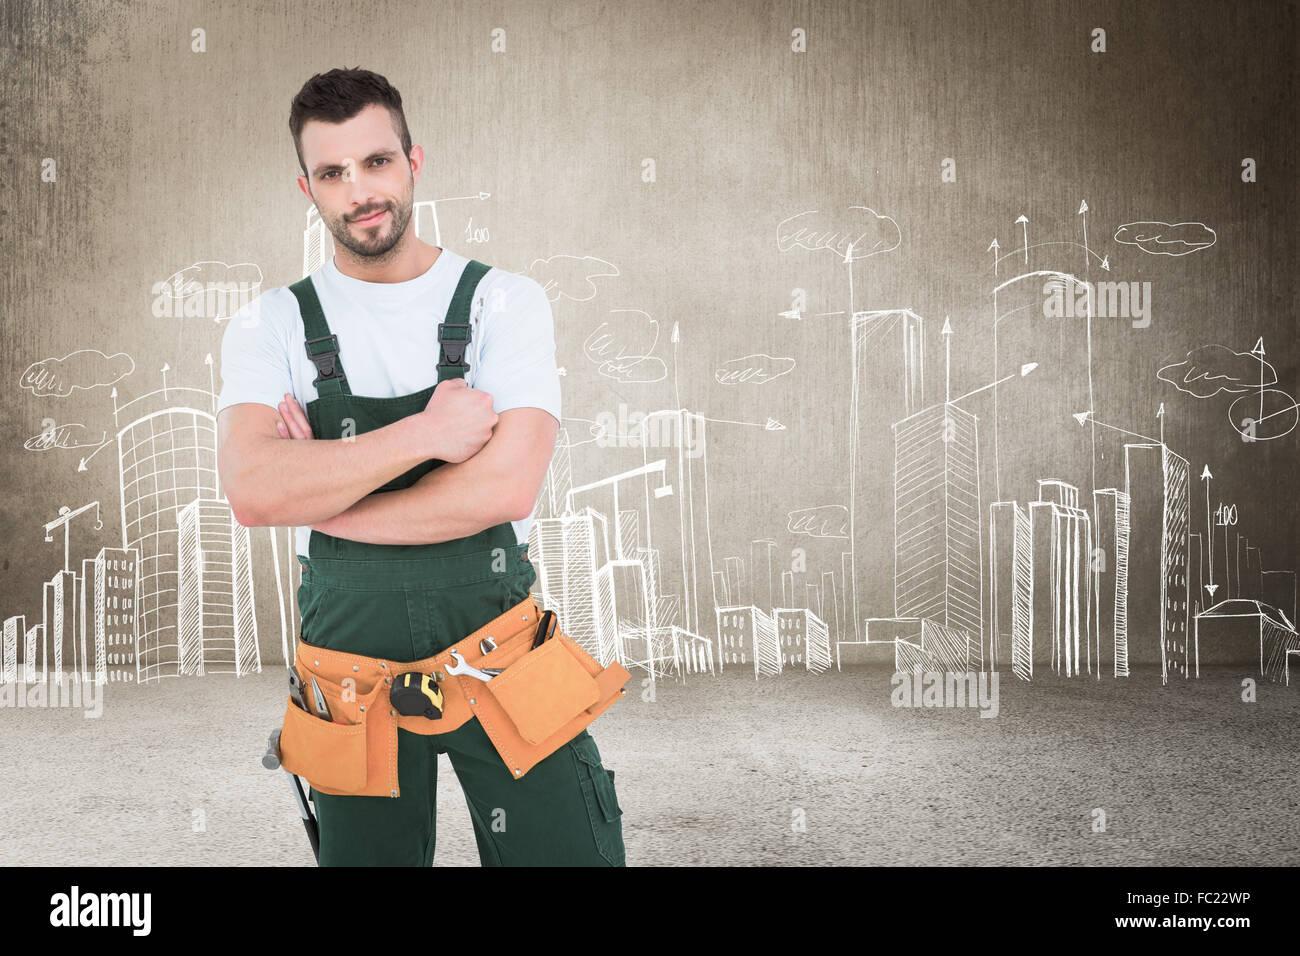 Immagine composita di carpenter sorridente in telecamera Immagini Stock